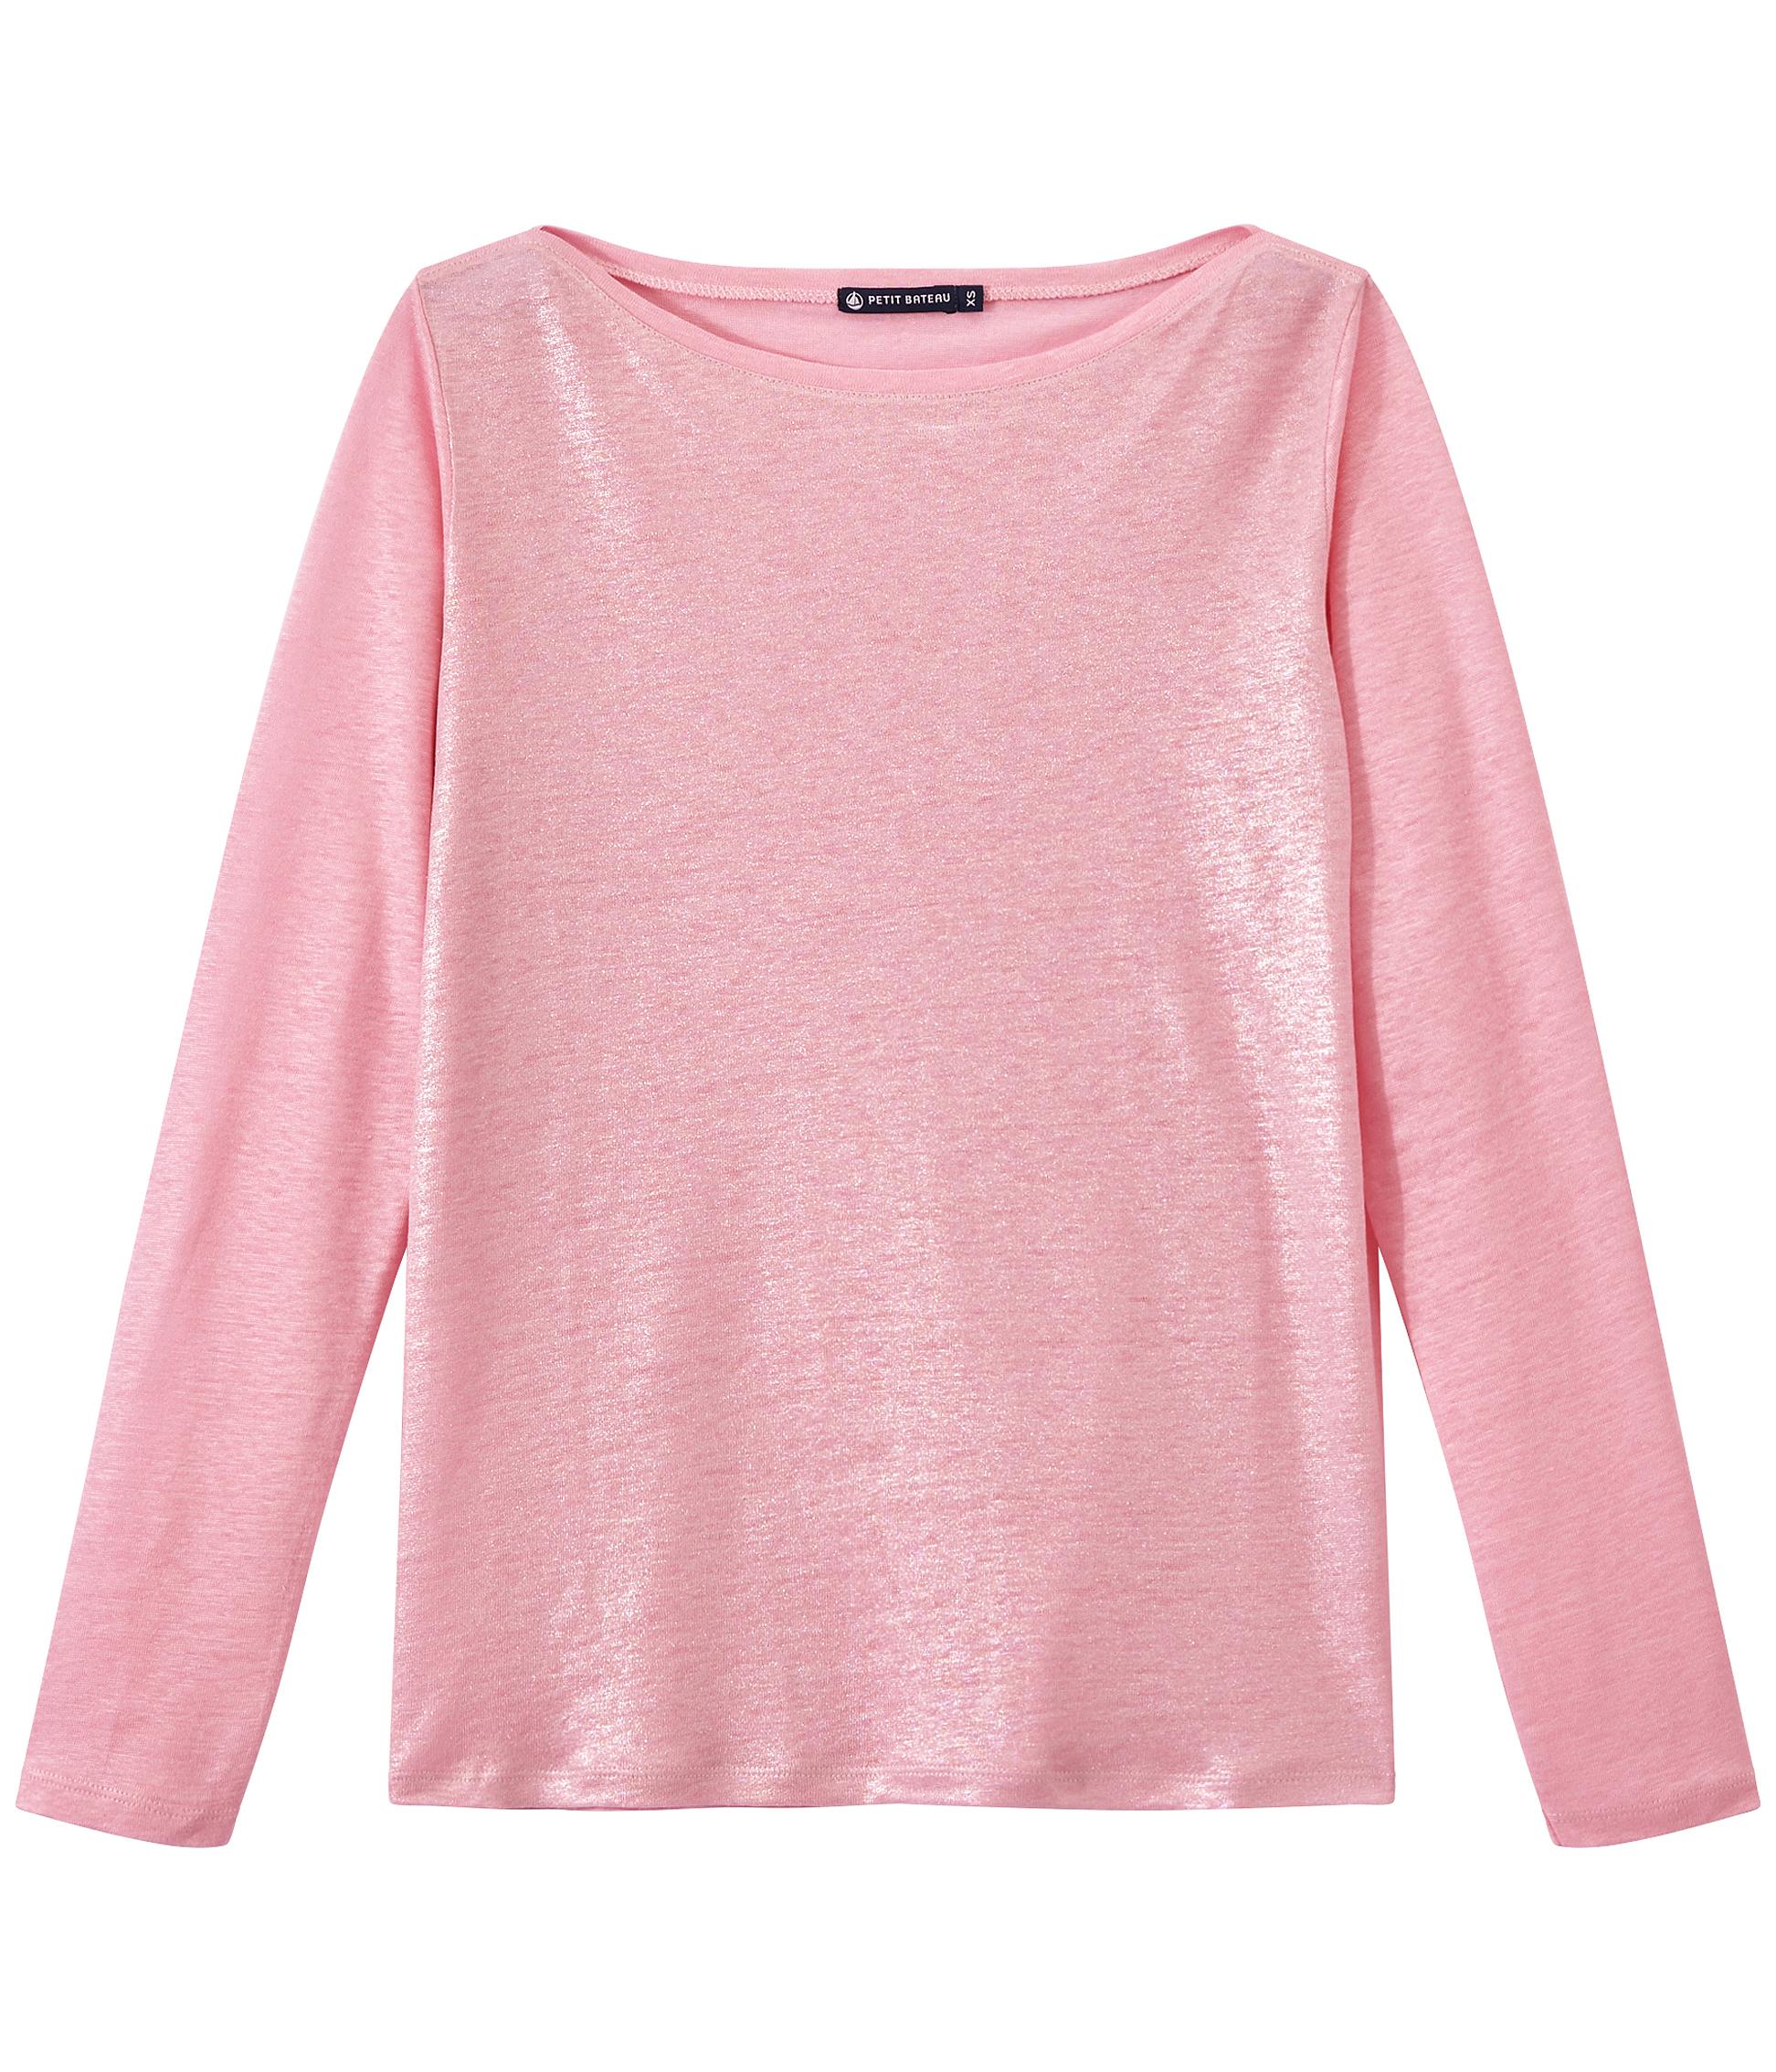 535c56a06 Camiseta de manga larga de lino para mujer